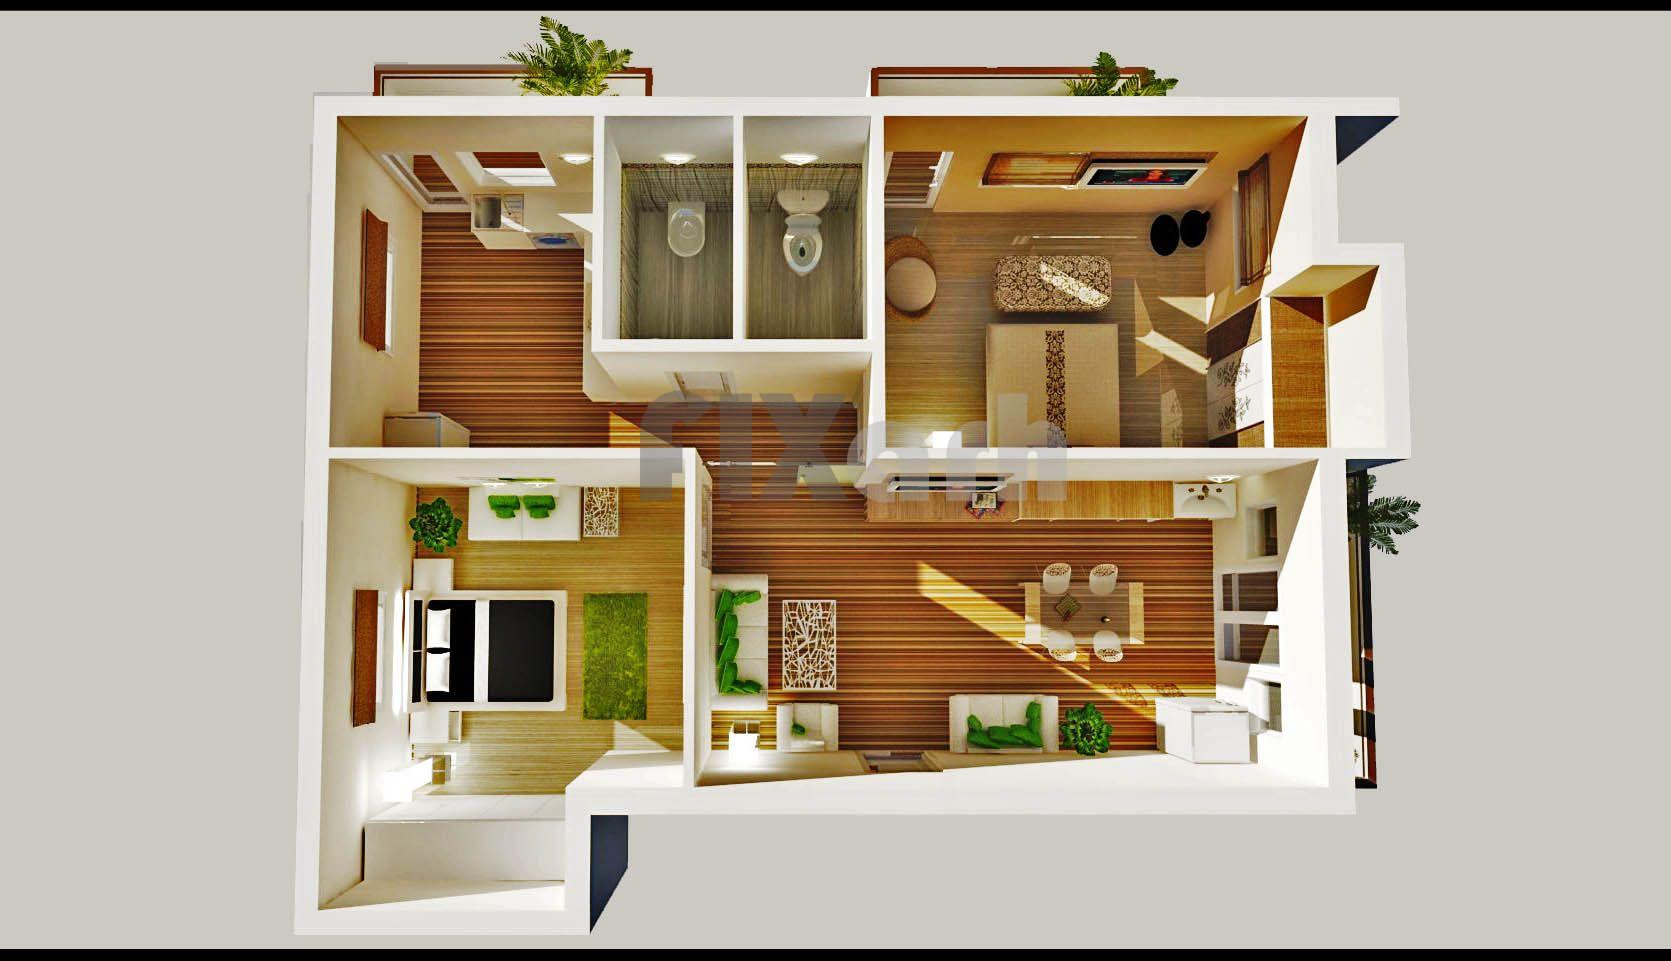 bedroom apartment floor plans  unique ideas decorating also rh in pinterest